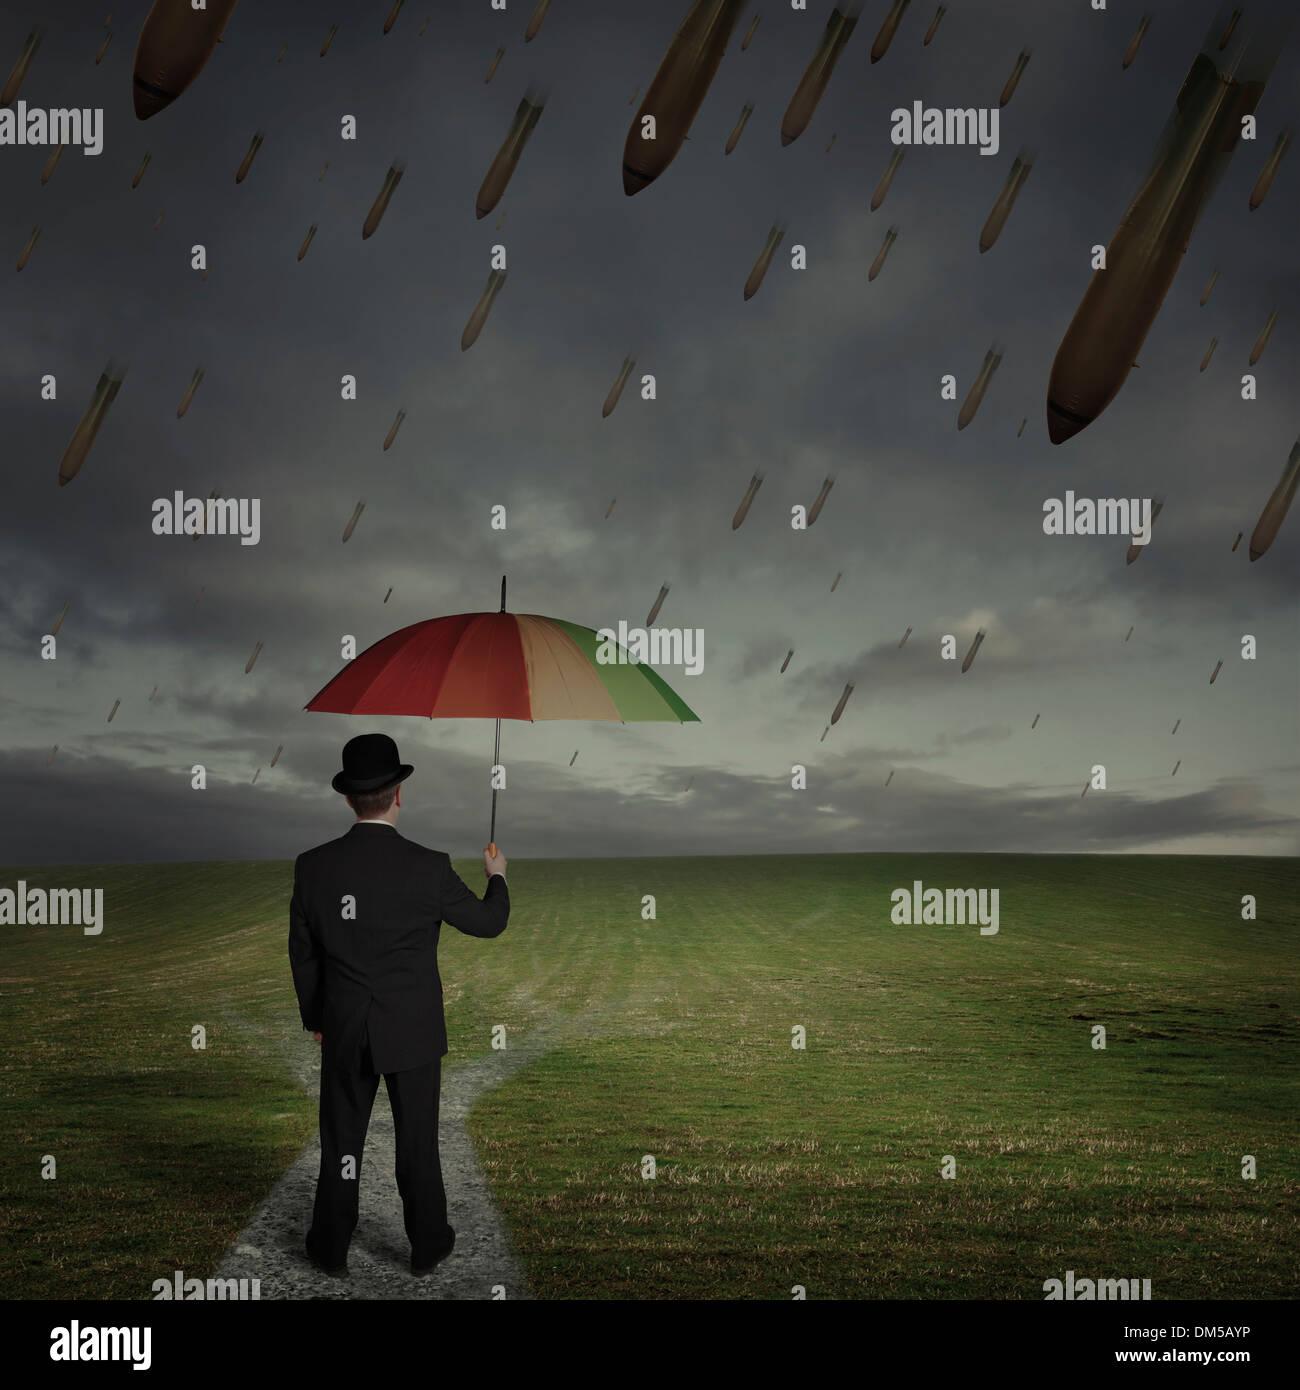 Uomo con ombrello quando la pioggia di bombe Immagini Stock